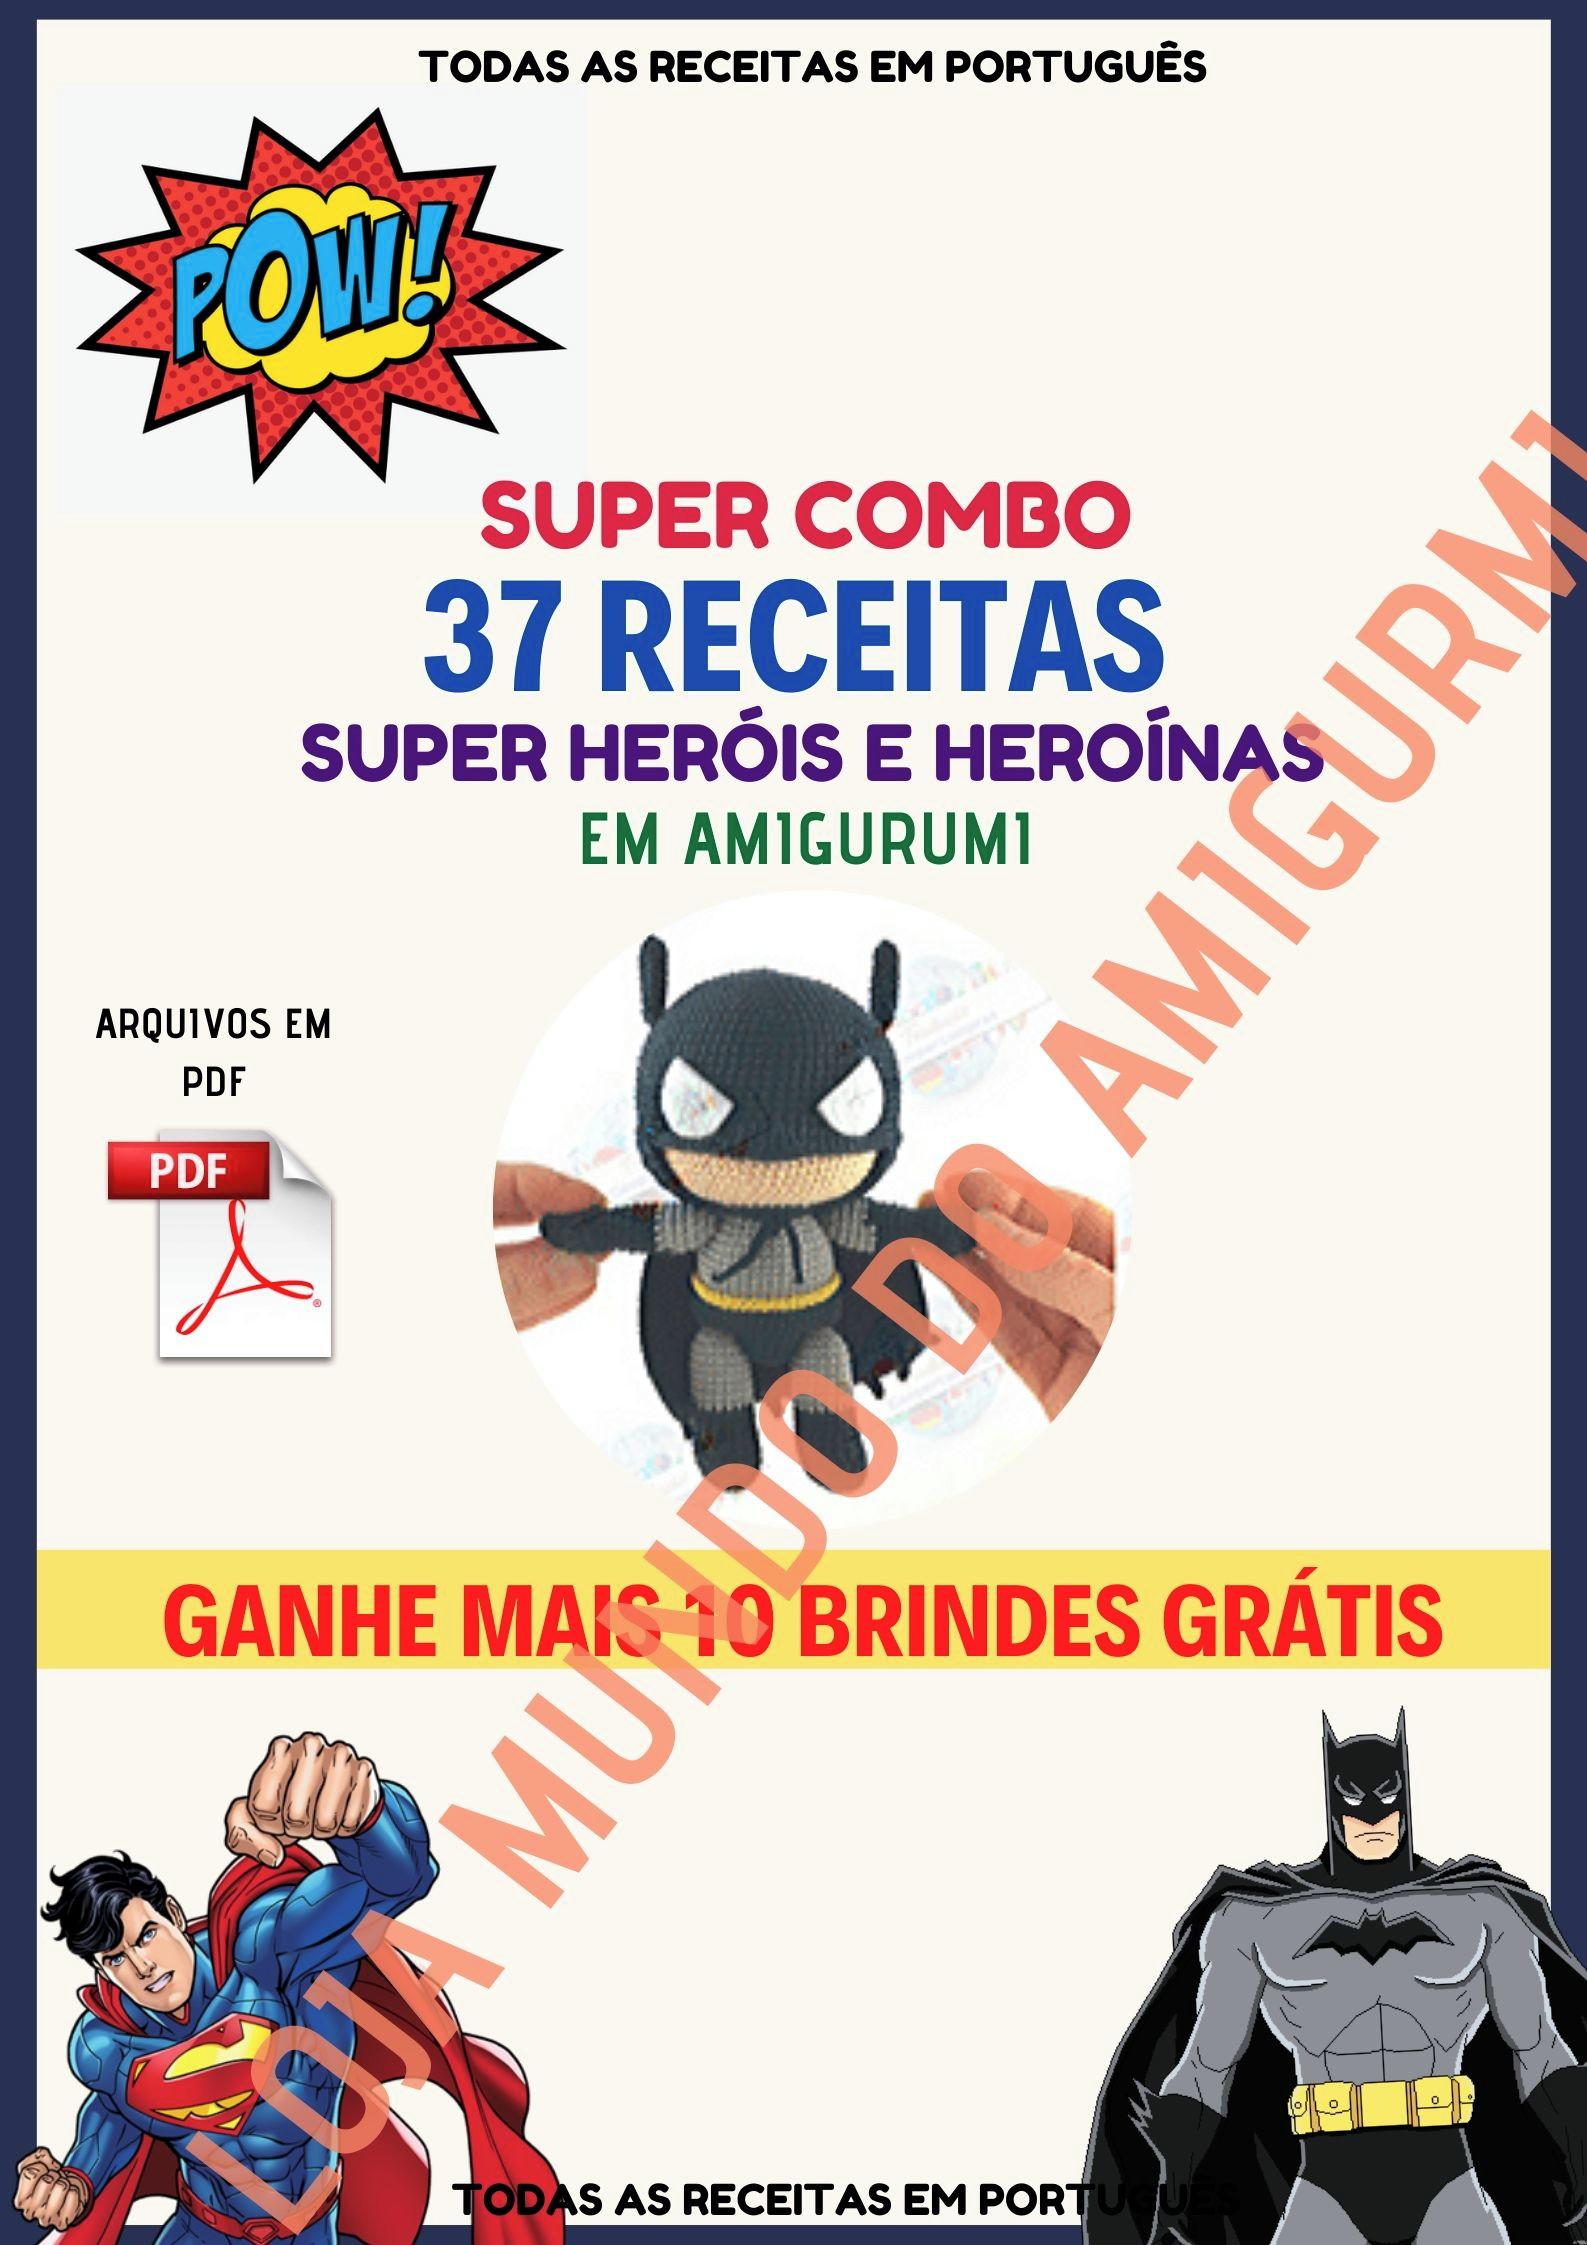 Amigurumi super herois- Qual o preferido de voce? - YouTube   2245x1587